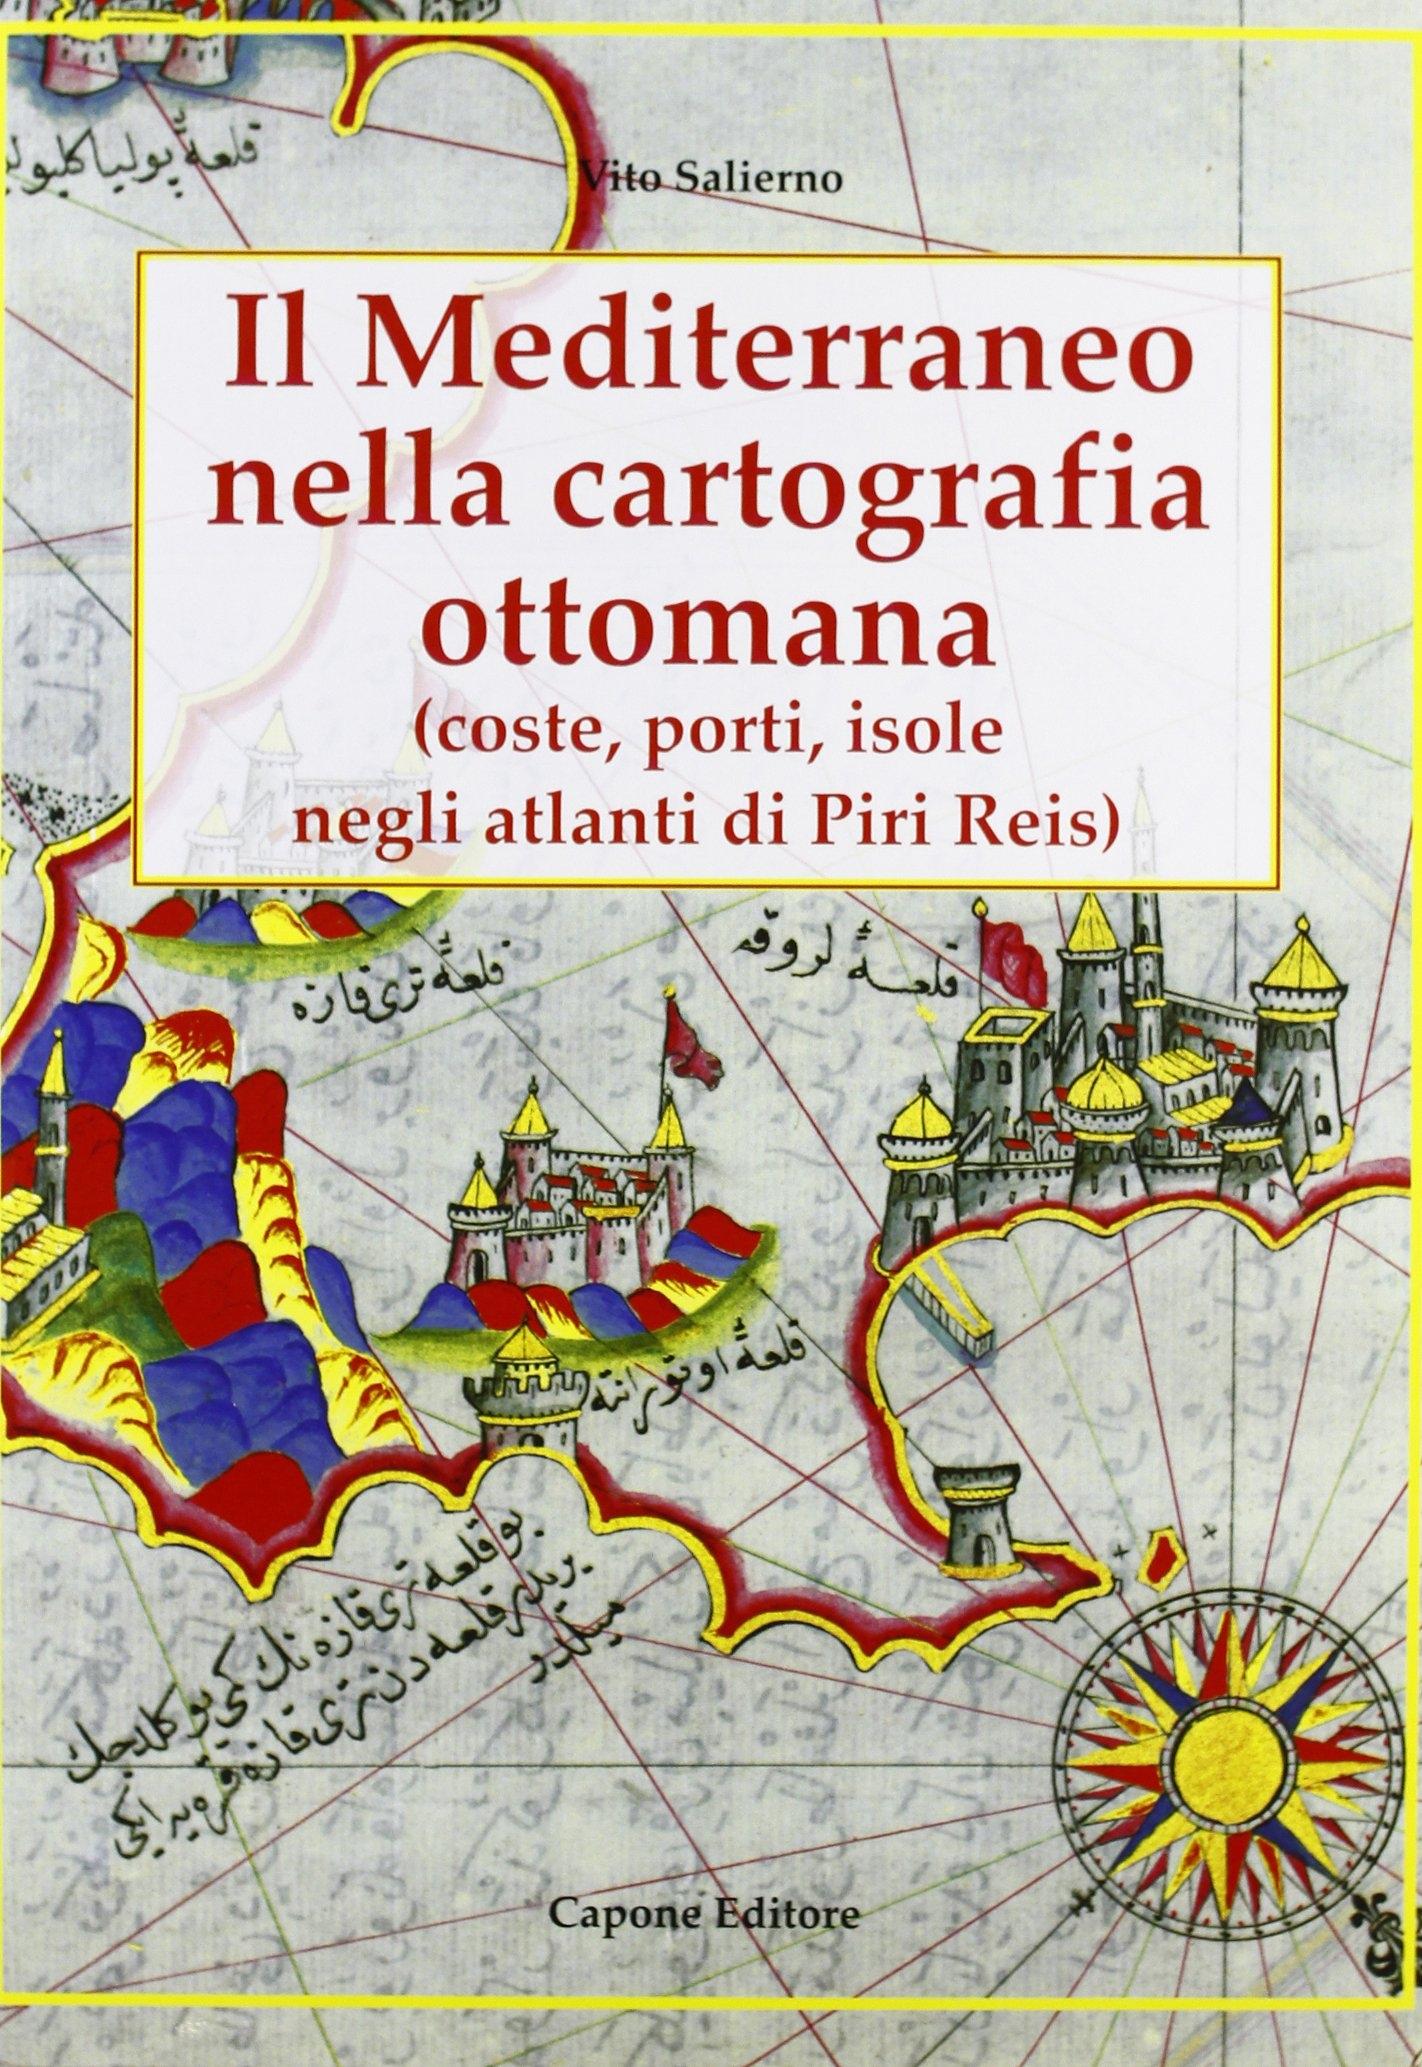 Il Mediterraneo nella Cartografia Ottomana. Coste, Porti, Isole negli Atlanti di Piri Reis